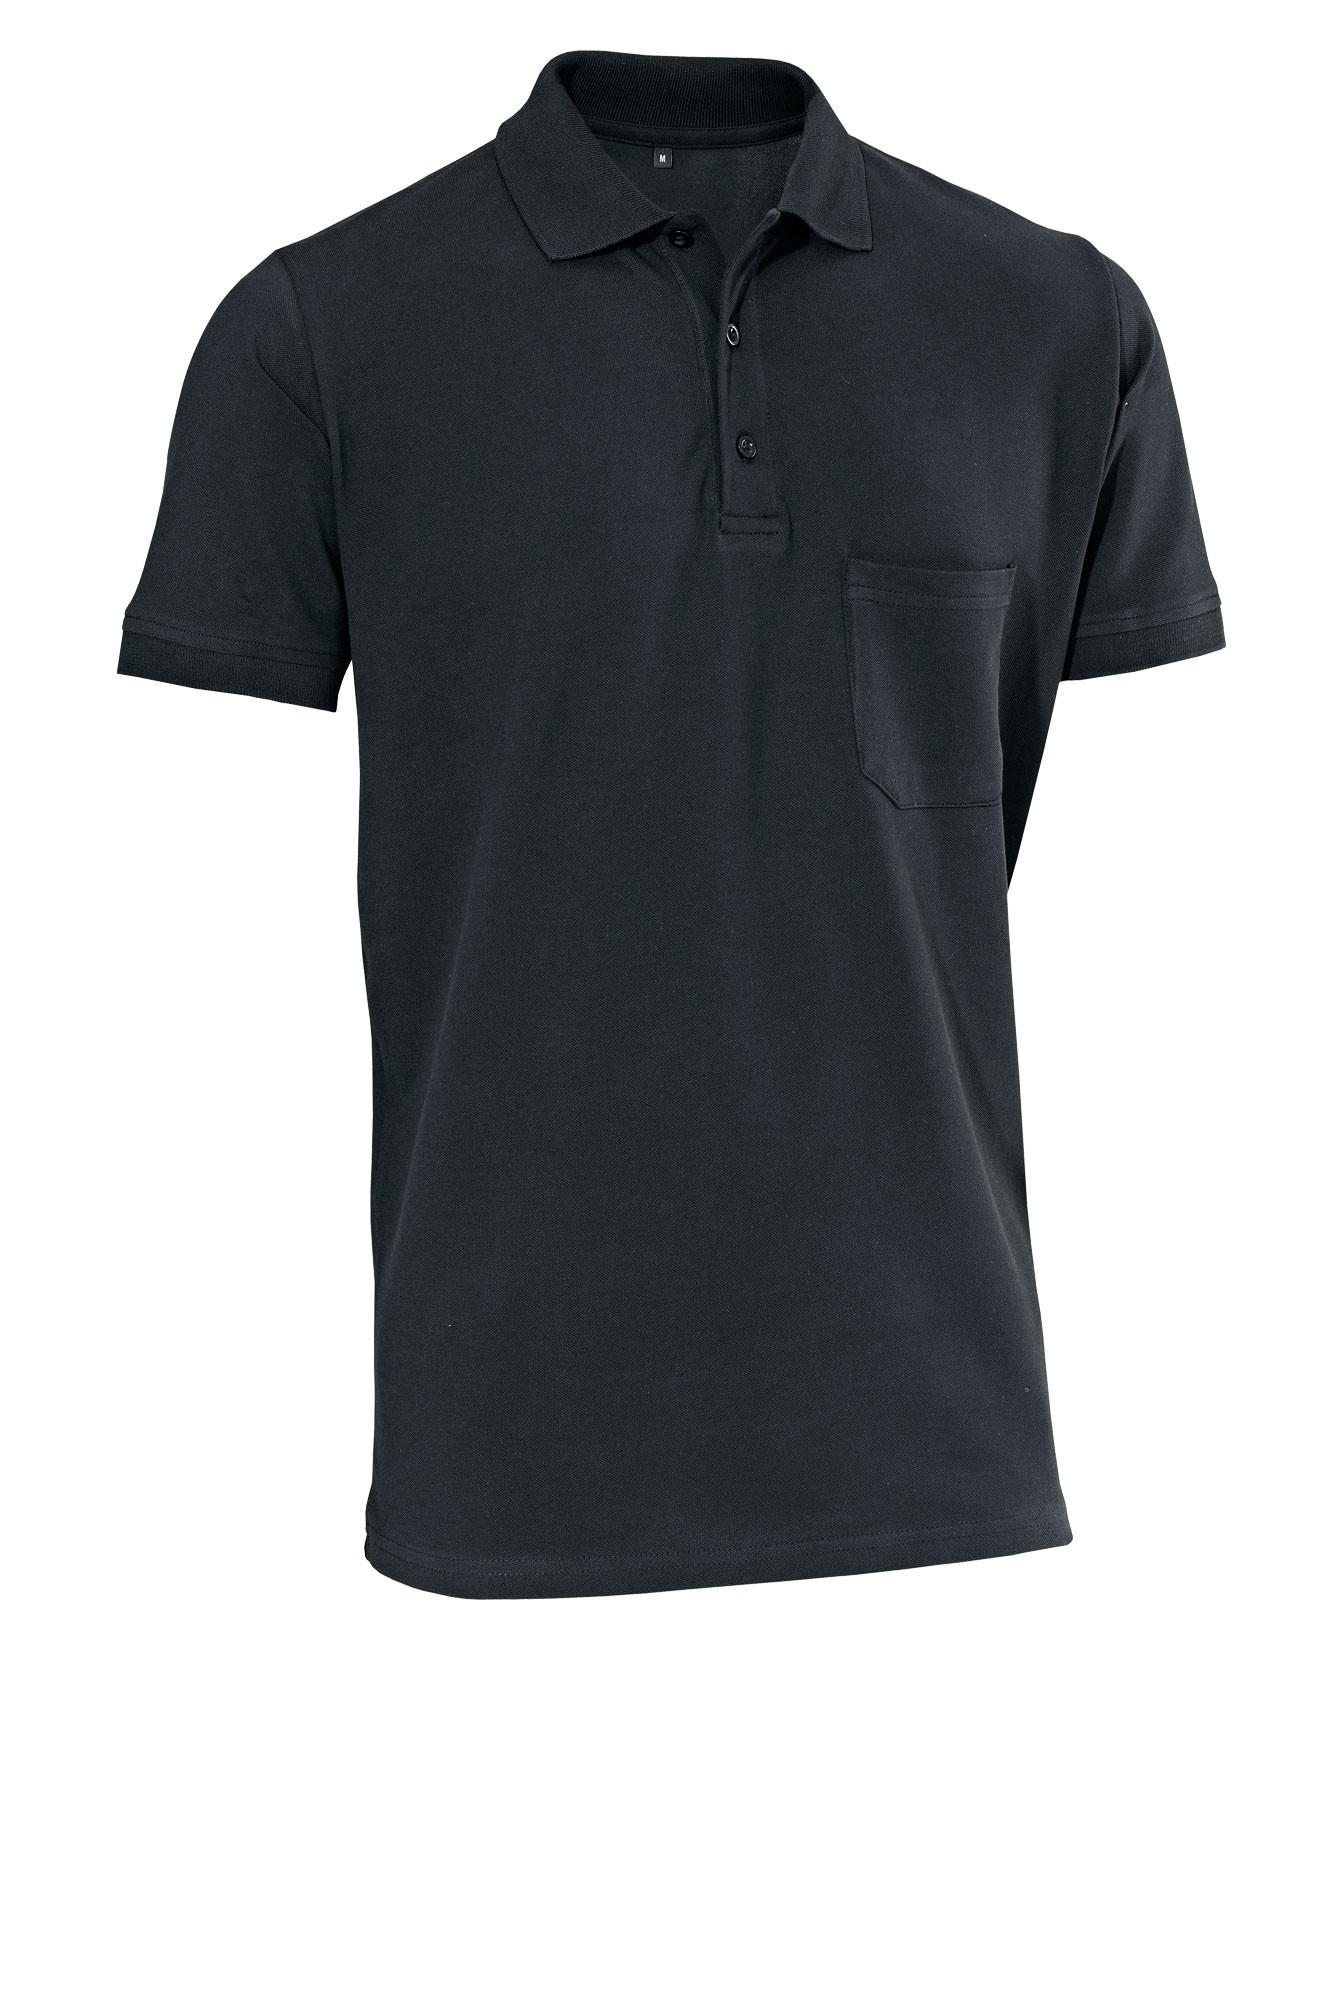 Pánské tričko Cato - černá/krátký rukáv